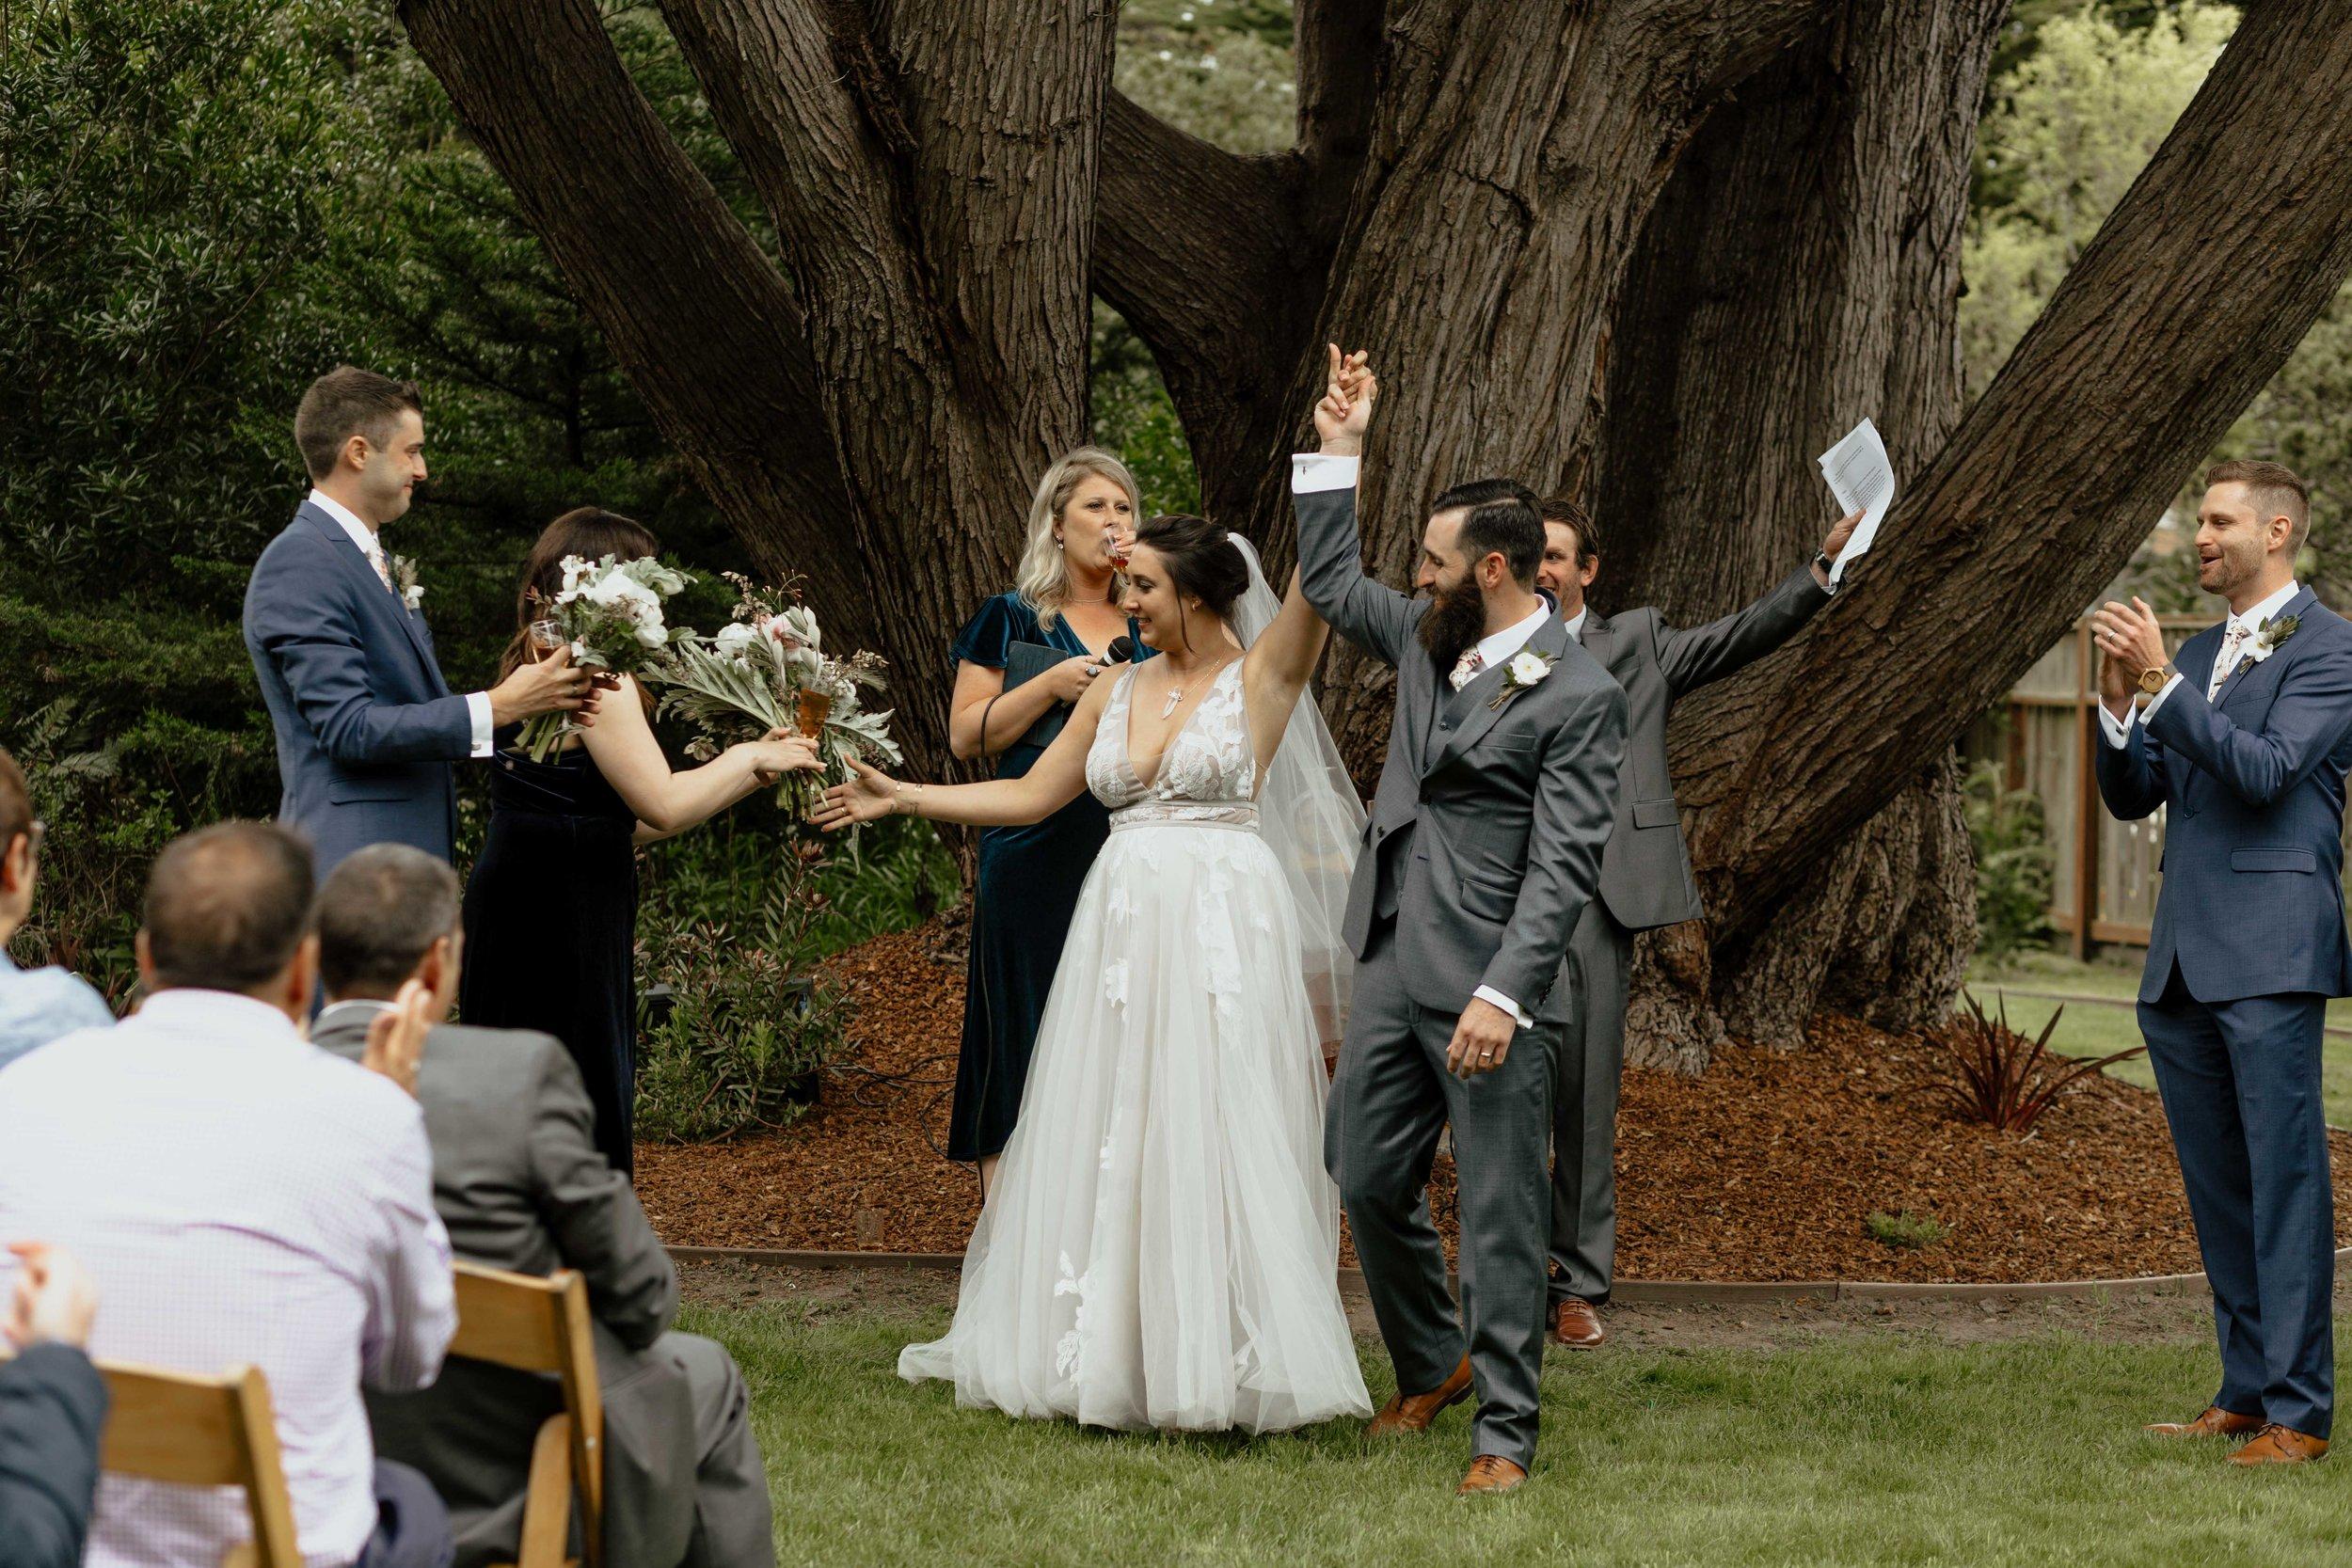 happy couple wedding ceremony spokane bridal shop